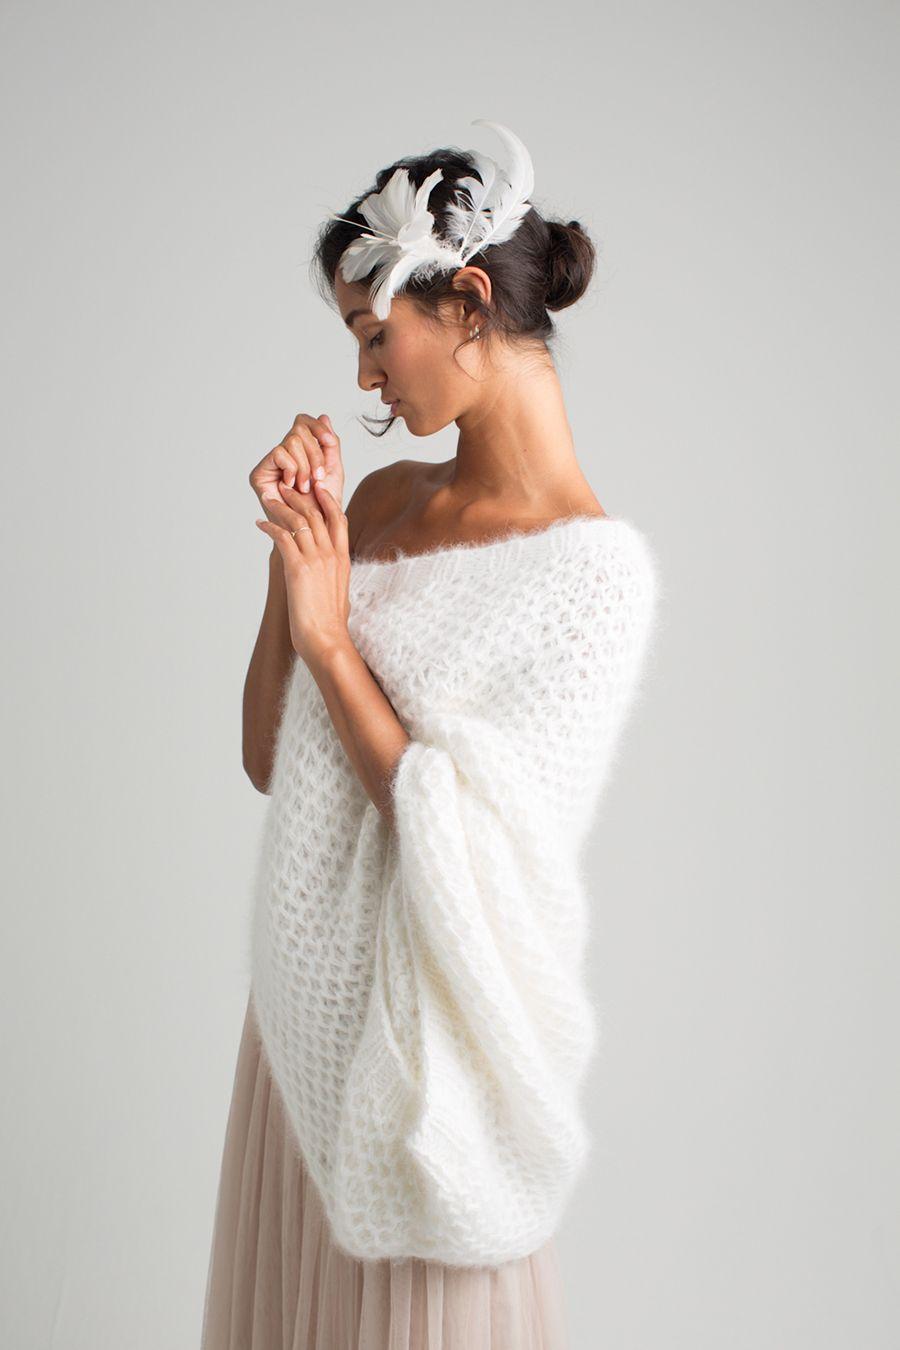 Marryandbride – Strickjacken für die Braut   Wedding   Pinterest ...